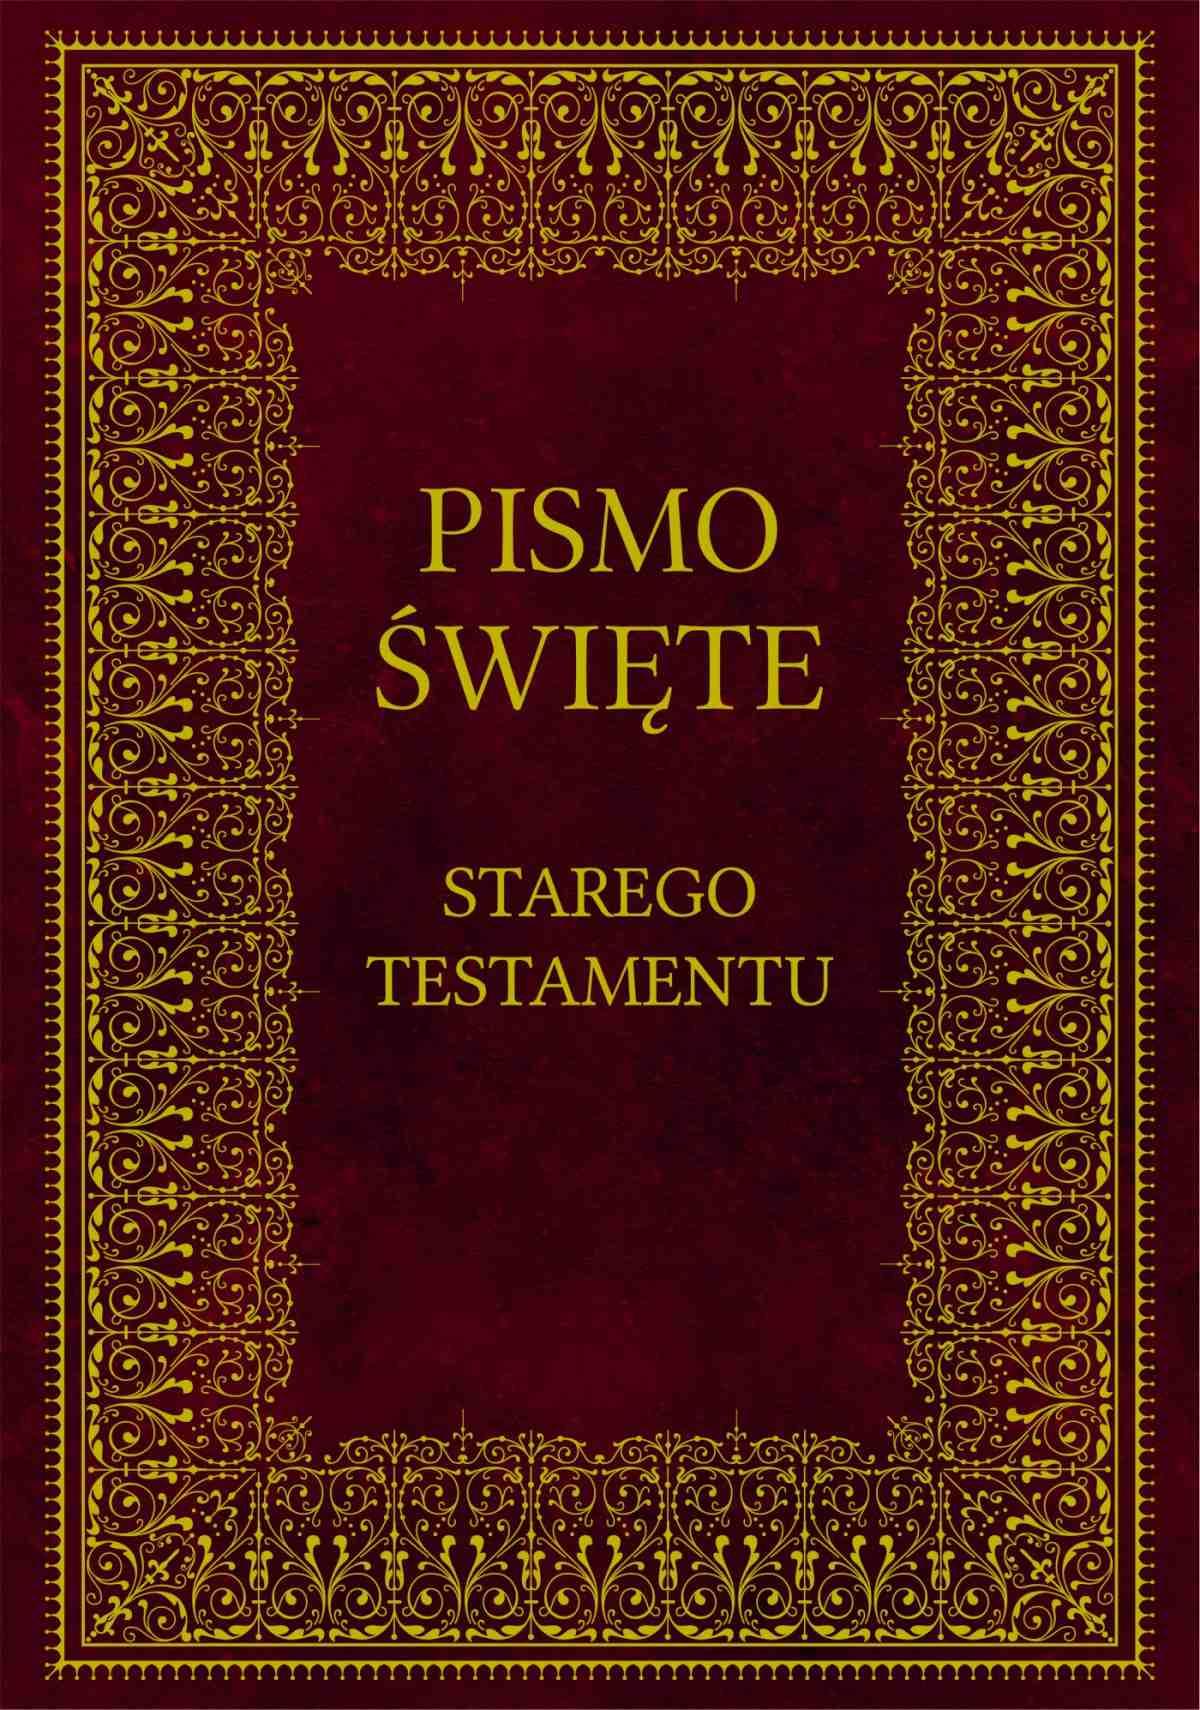 Biblia. Pismo Święte Starego Testamentu - Ebook (Książka na Kindle) do pobrania w formacie MOBI